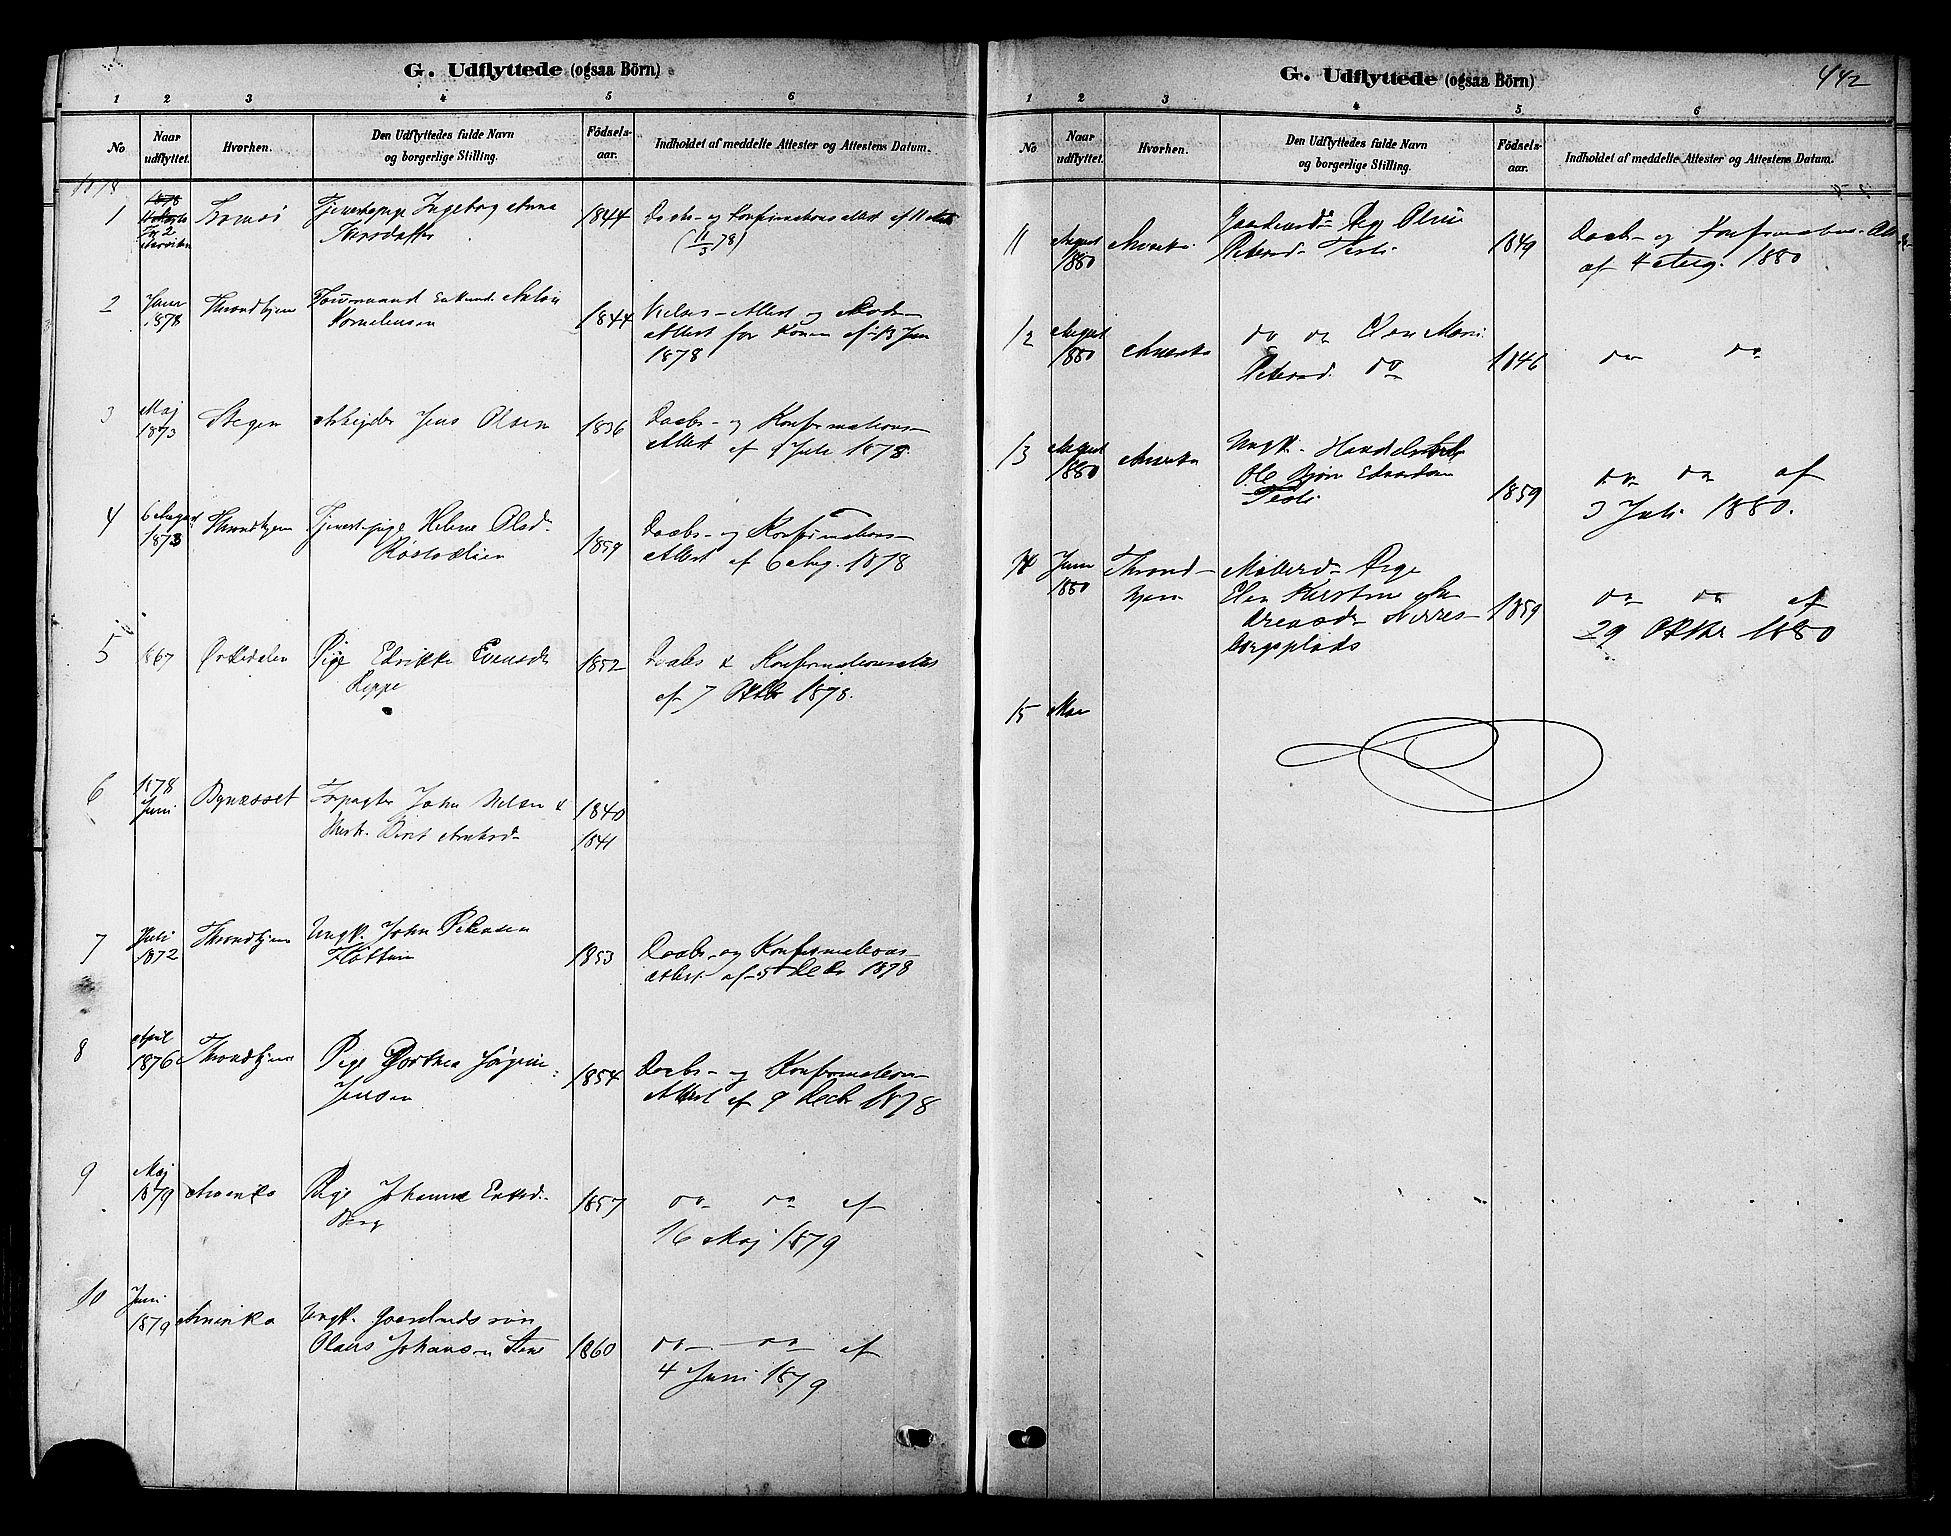 SAT, Ministerialprotokoller, klokkerbøker og fødselsregistre - Sør-Trøndelag, 606/L0294: Ministerialbok nr. 606A09, 1878-1886, s. 442